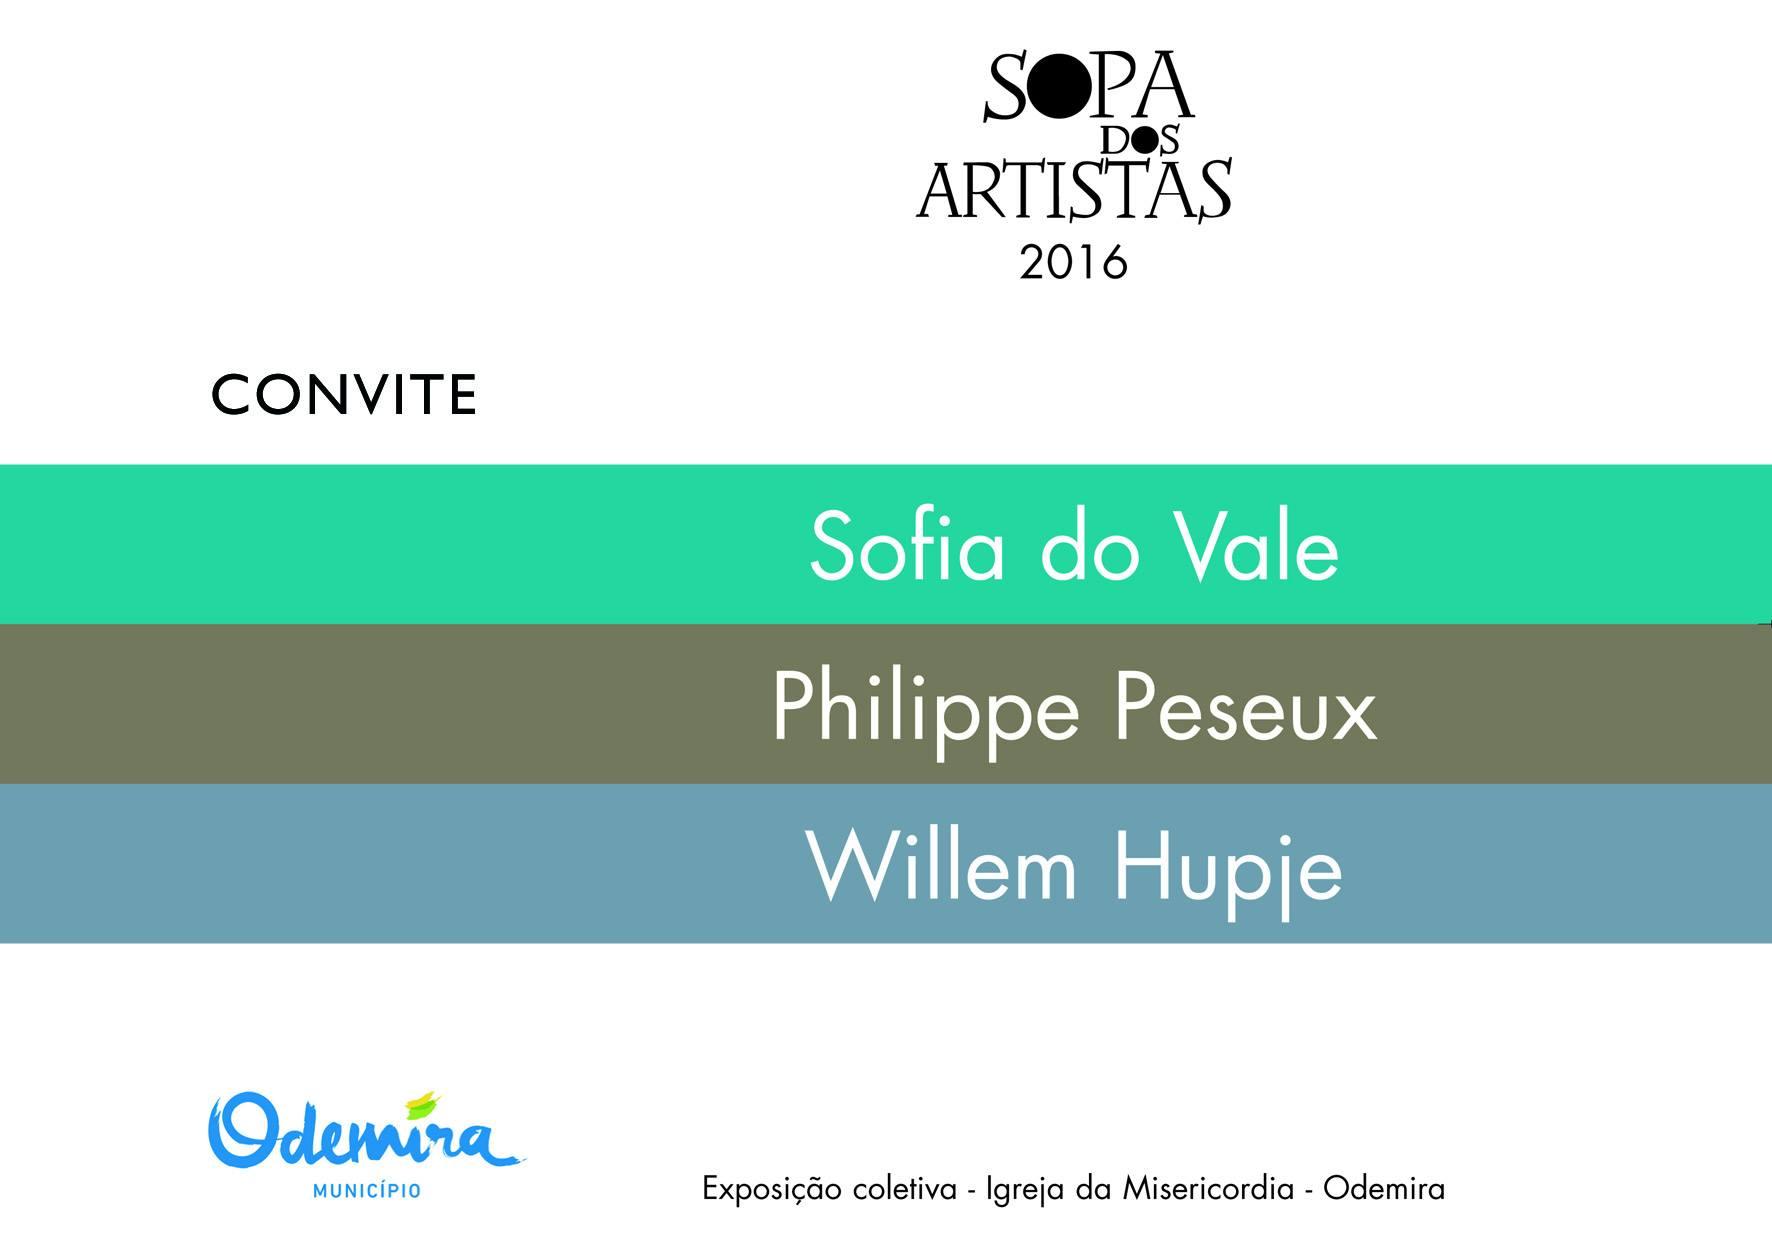 expo-sopa-dos-artistas